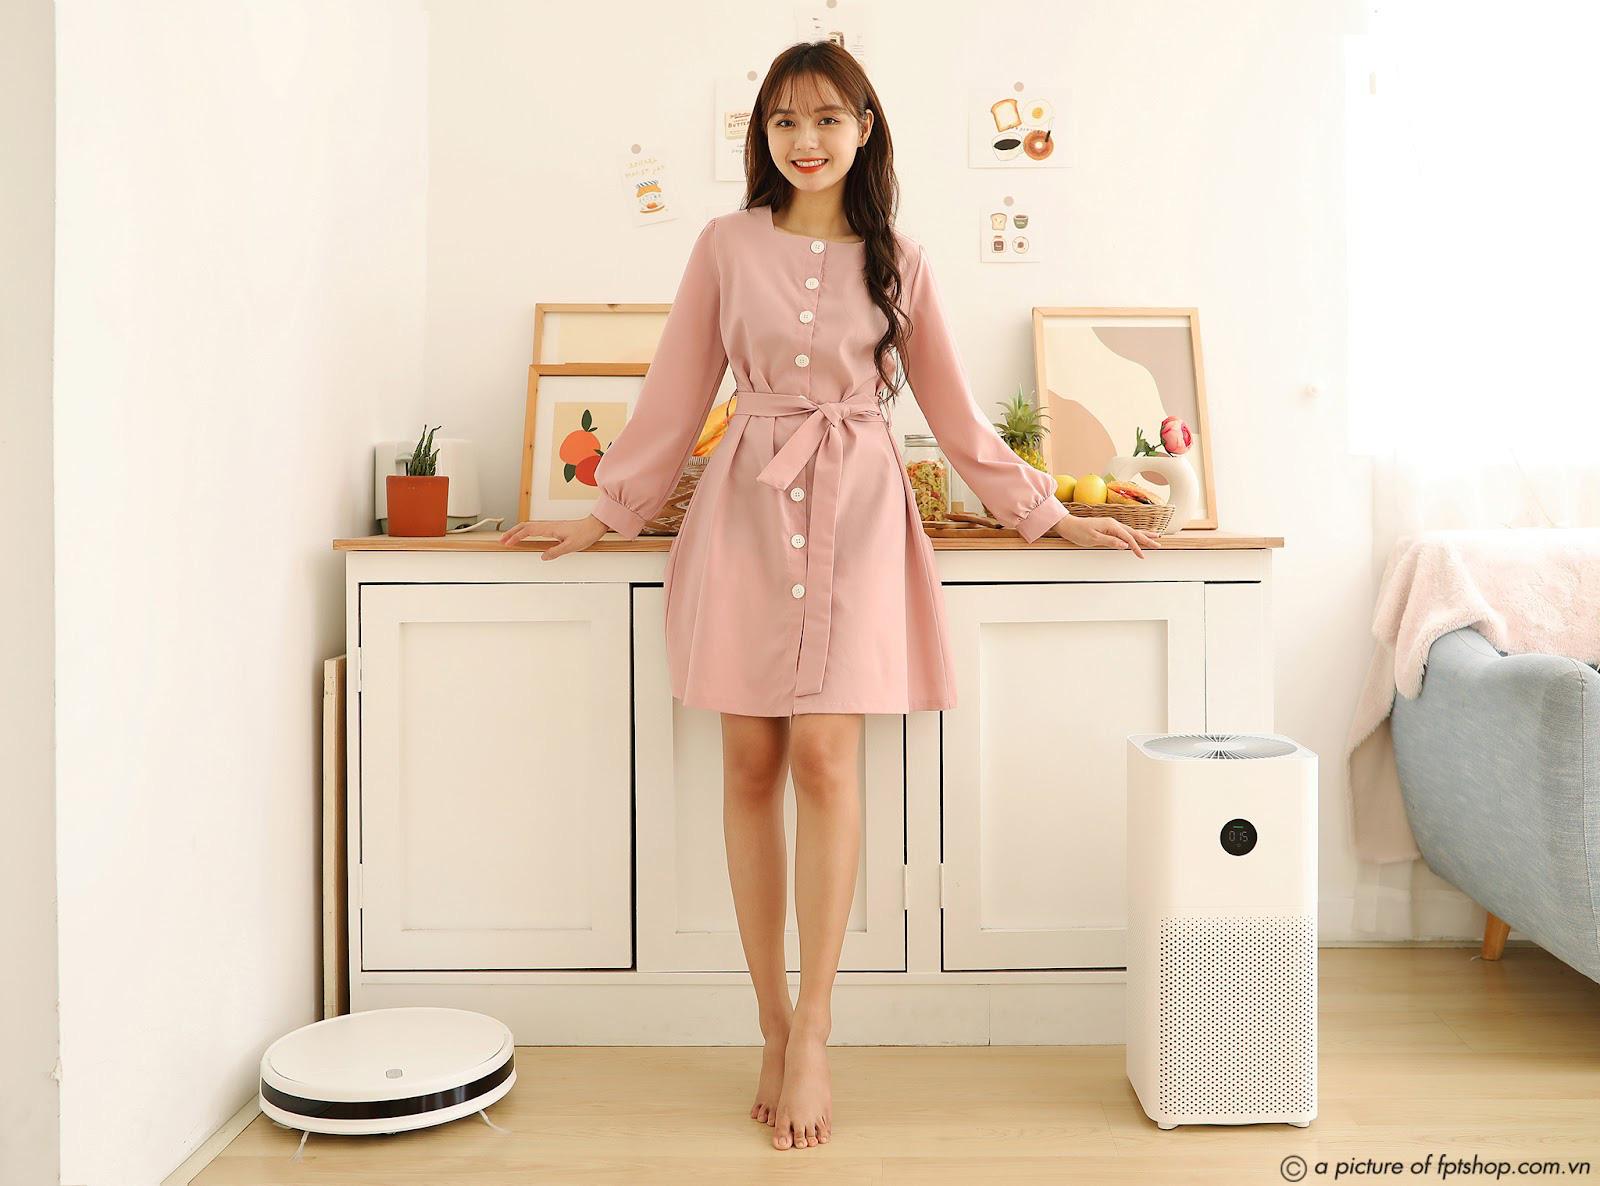 Nhận ưu đãi đến 2,5 triệu khi mua sản phẩm thuộc hệ sinh thái Xiaomi tại FPT Shop - Ảnh 2.